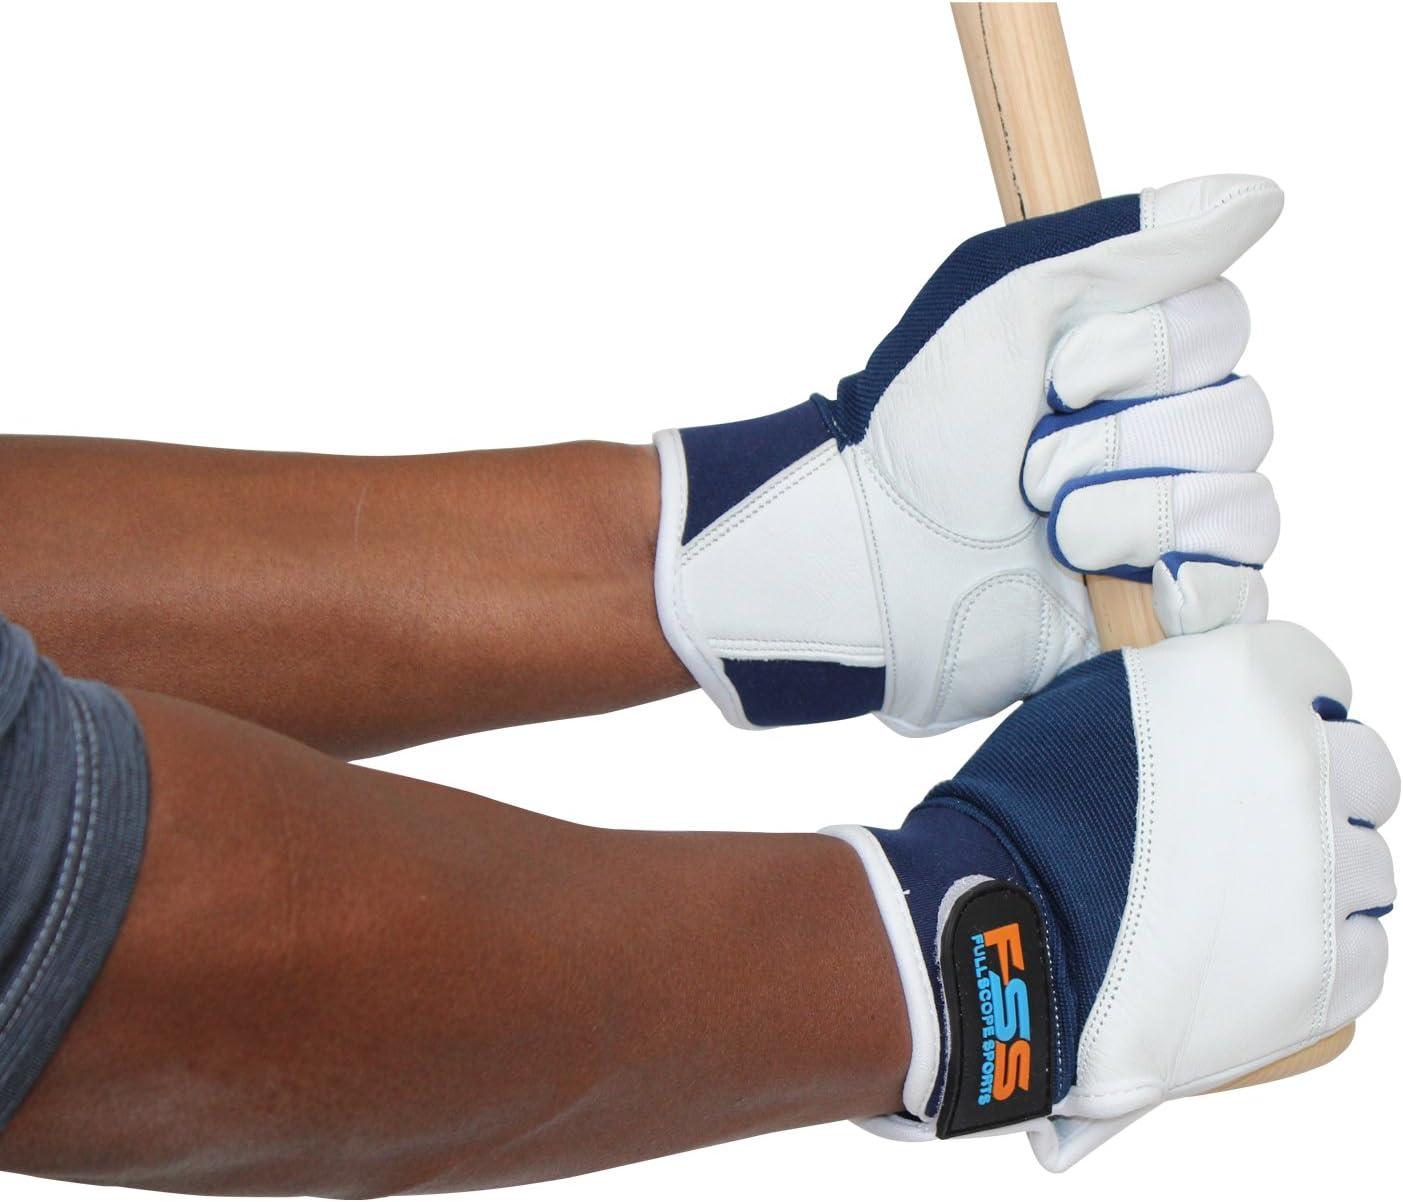 FullScope Sports Baseball Batting Gloves for Adult Boys Girls Yo